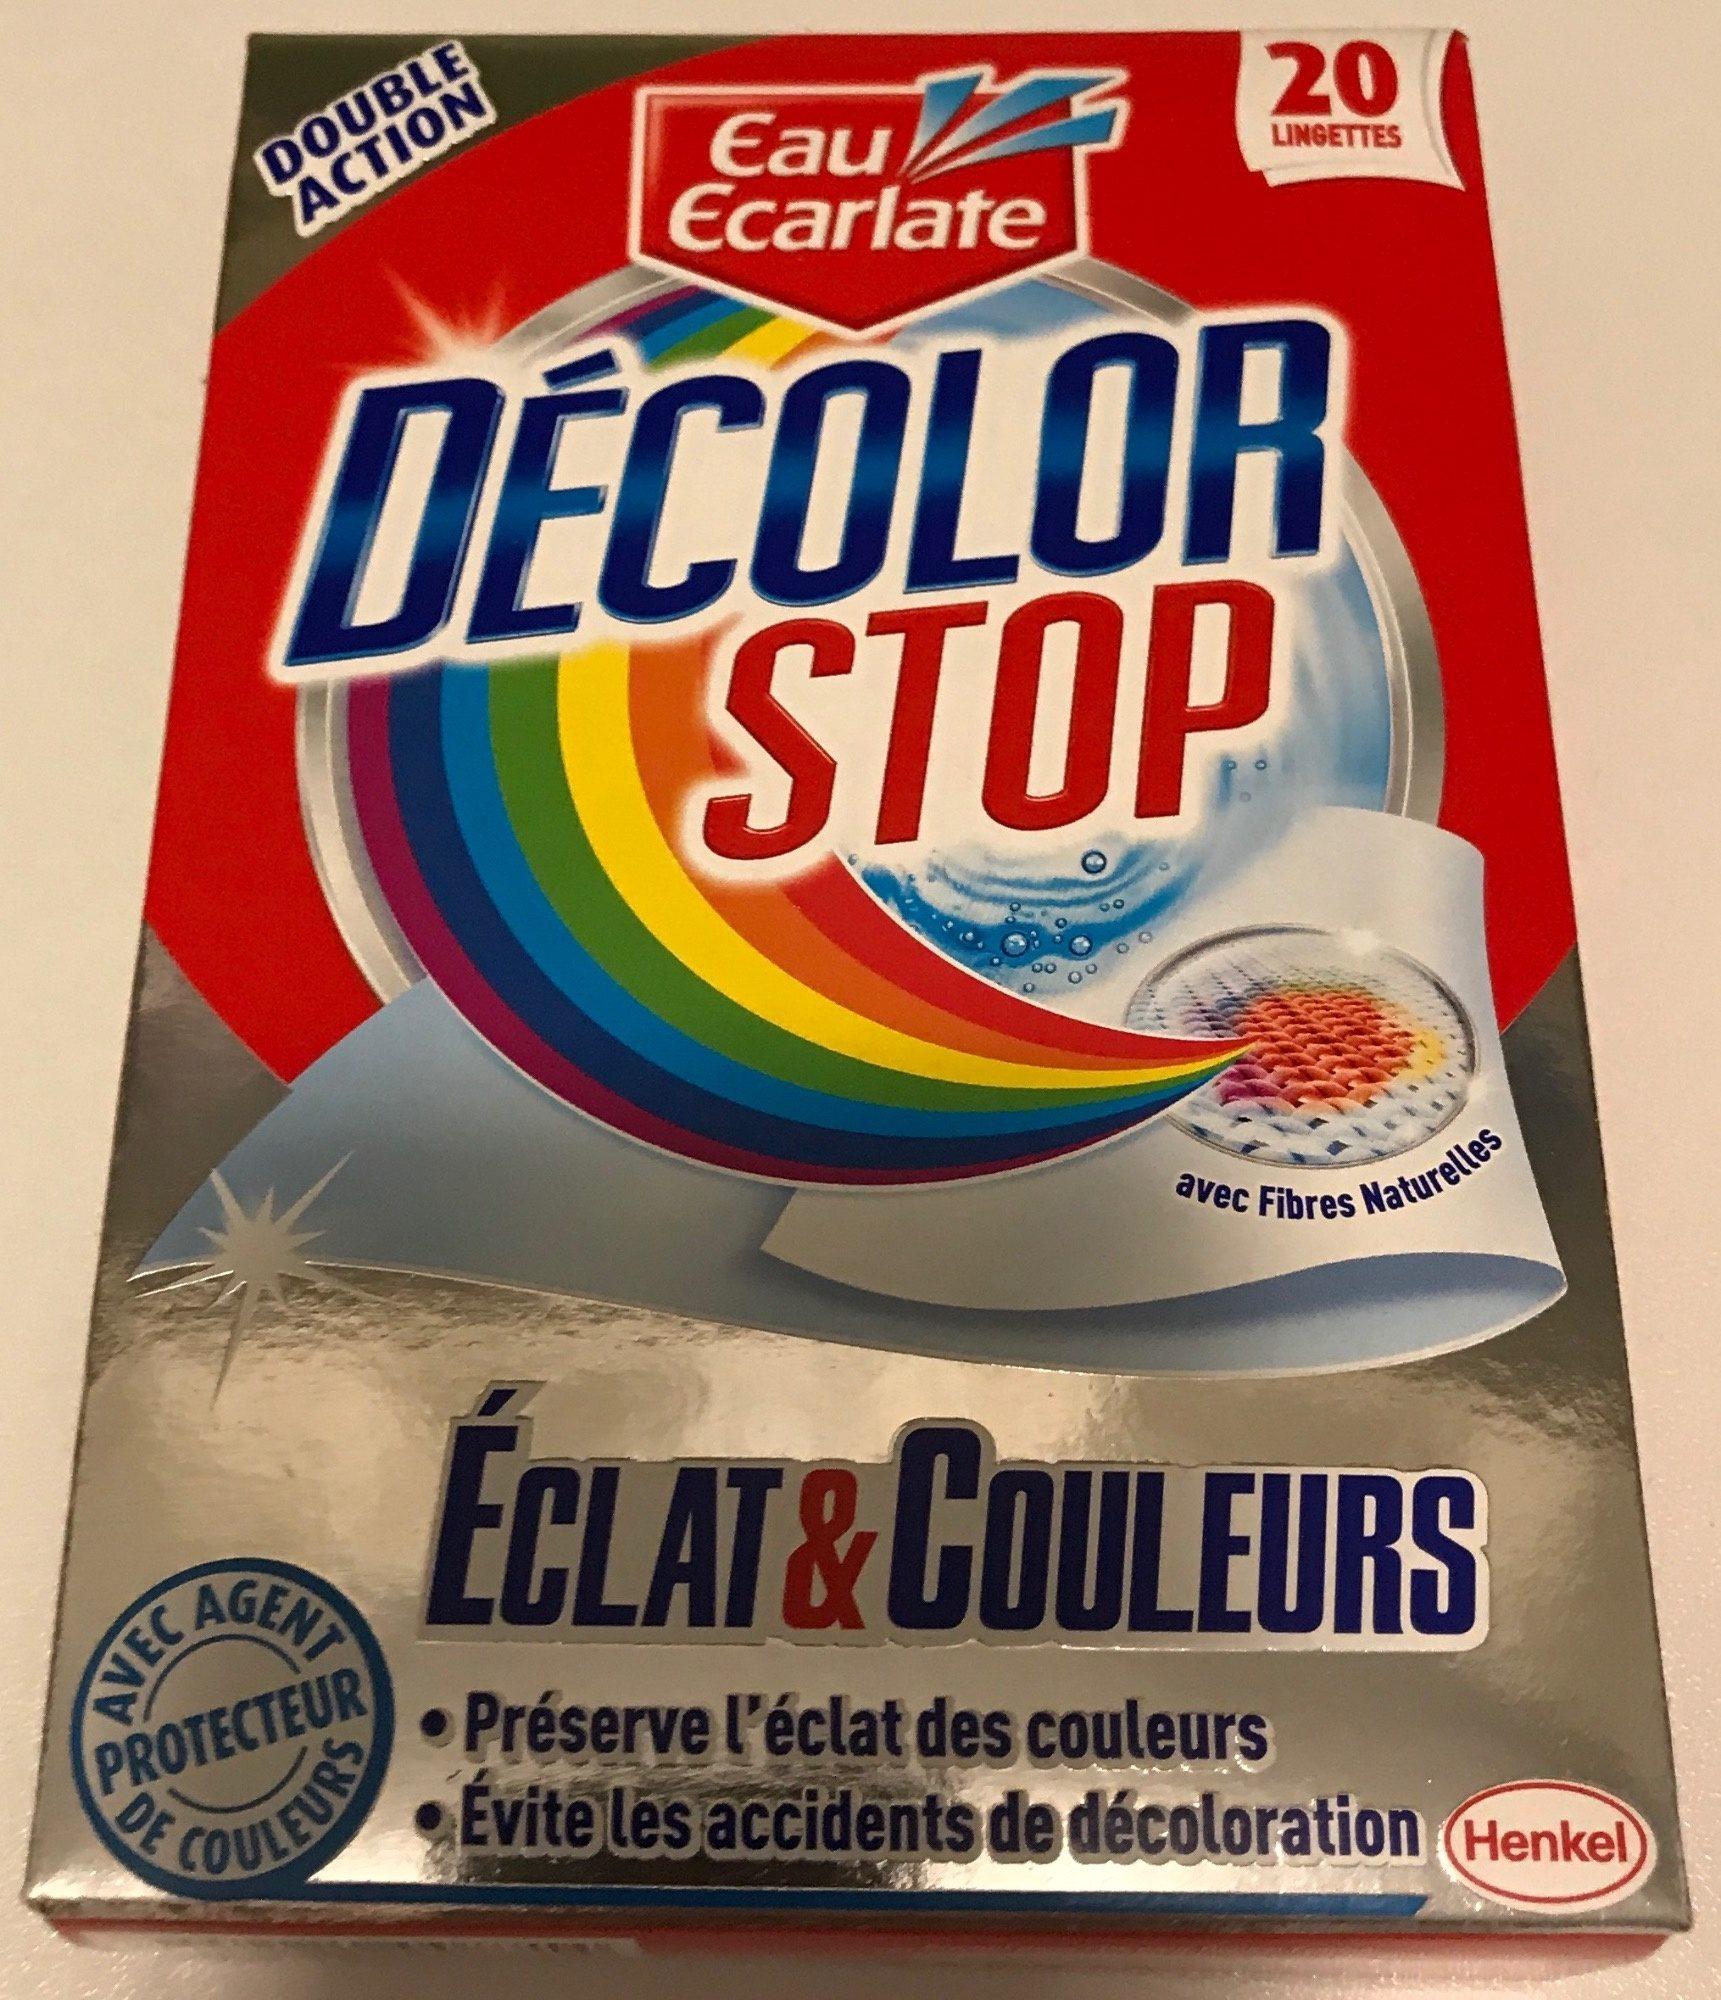 Décolor Stop double action Eclat & Couleurs - Product - fr